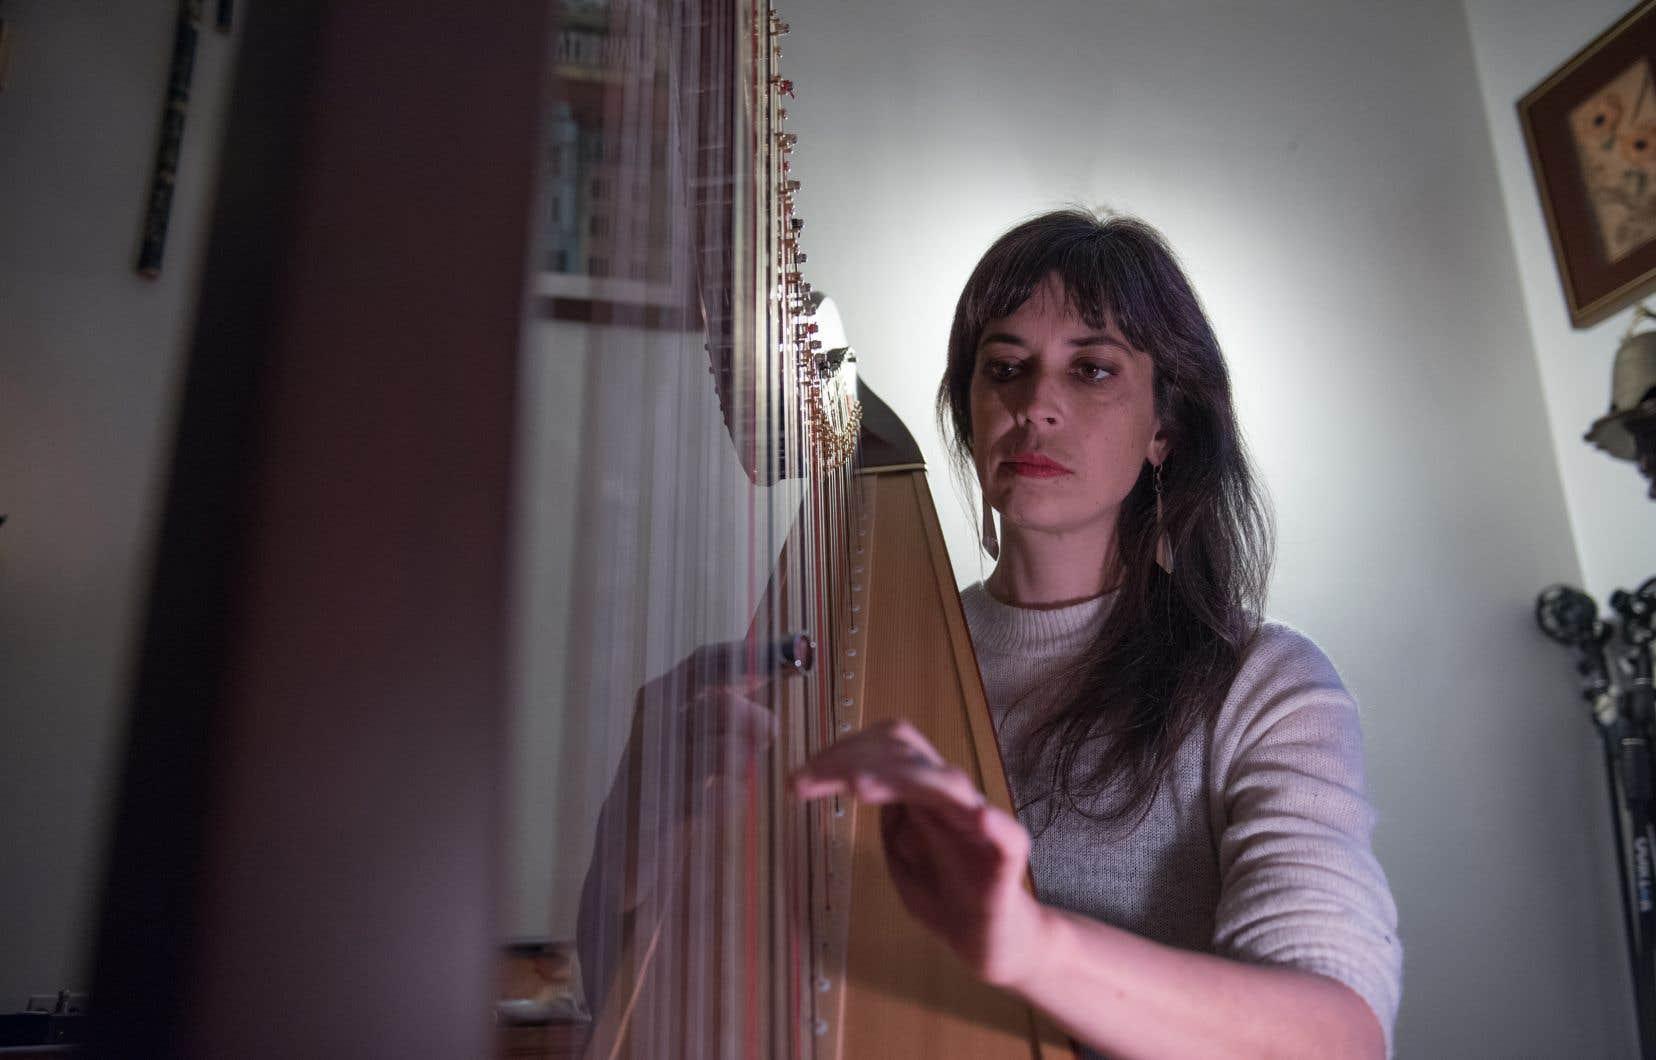 Concertiste et accompagnatrice depuis près de vingt ans révélée hors de la scène musicale classique auprès de Lhasa de Sela, Patrick Watson et les Barr Brothers, la harpiste montréalaise présente enfin un premier album de compositions originales, intitulé «Dose Curves».